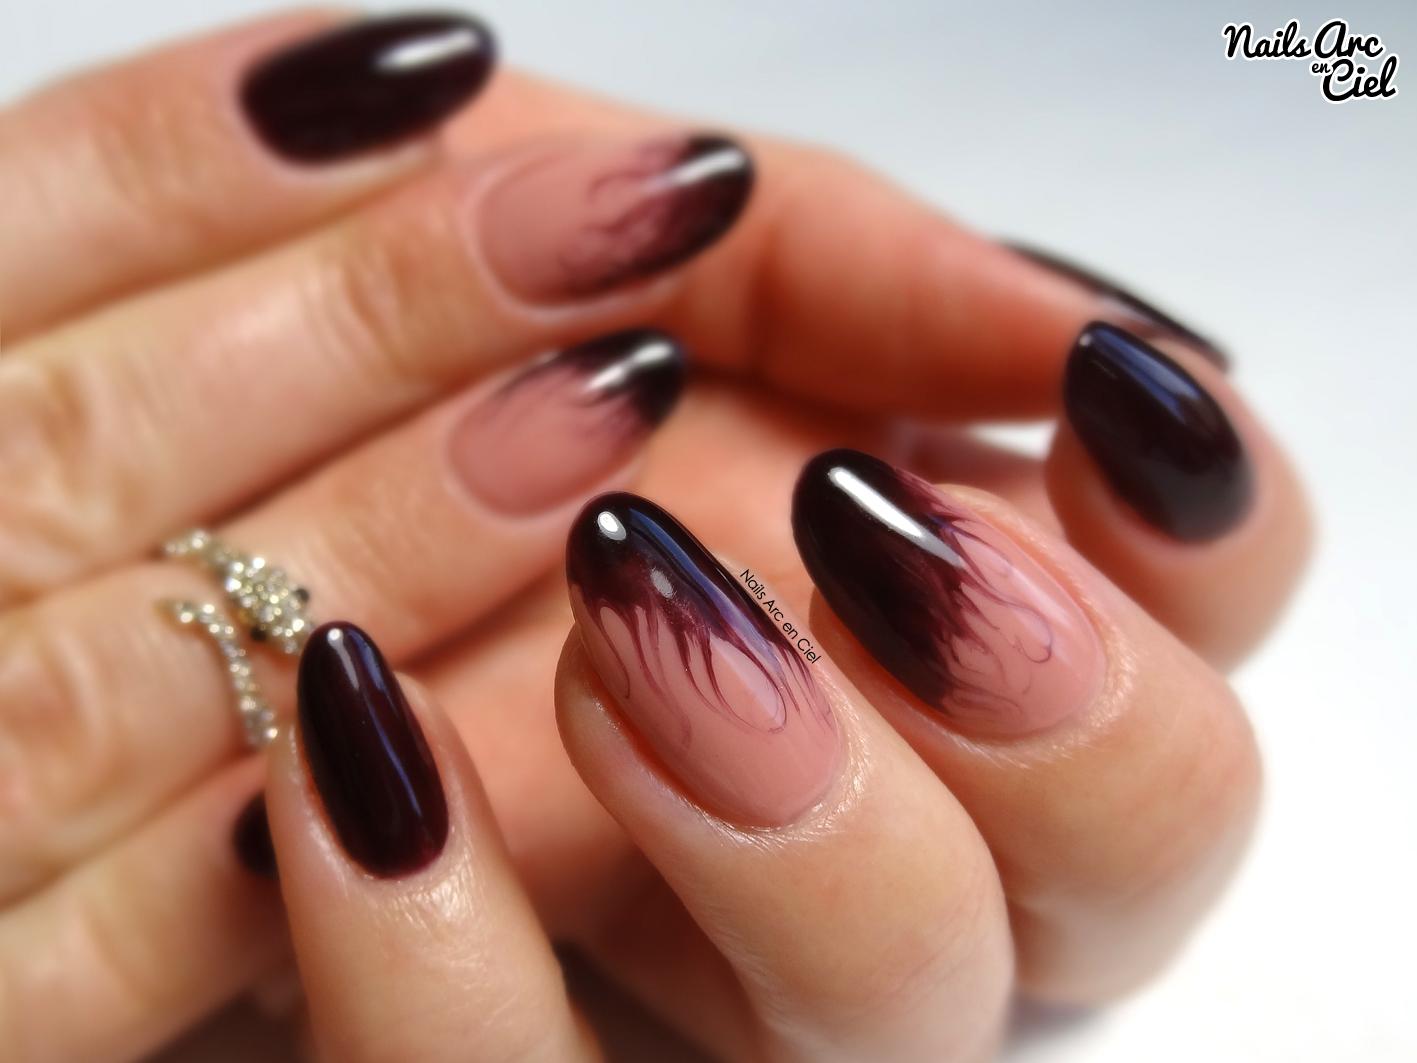 nail art traduction